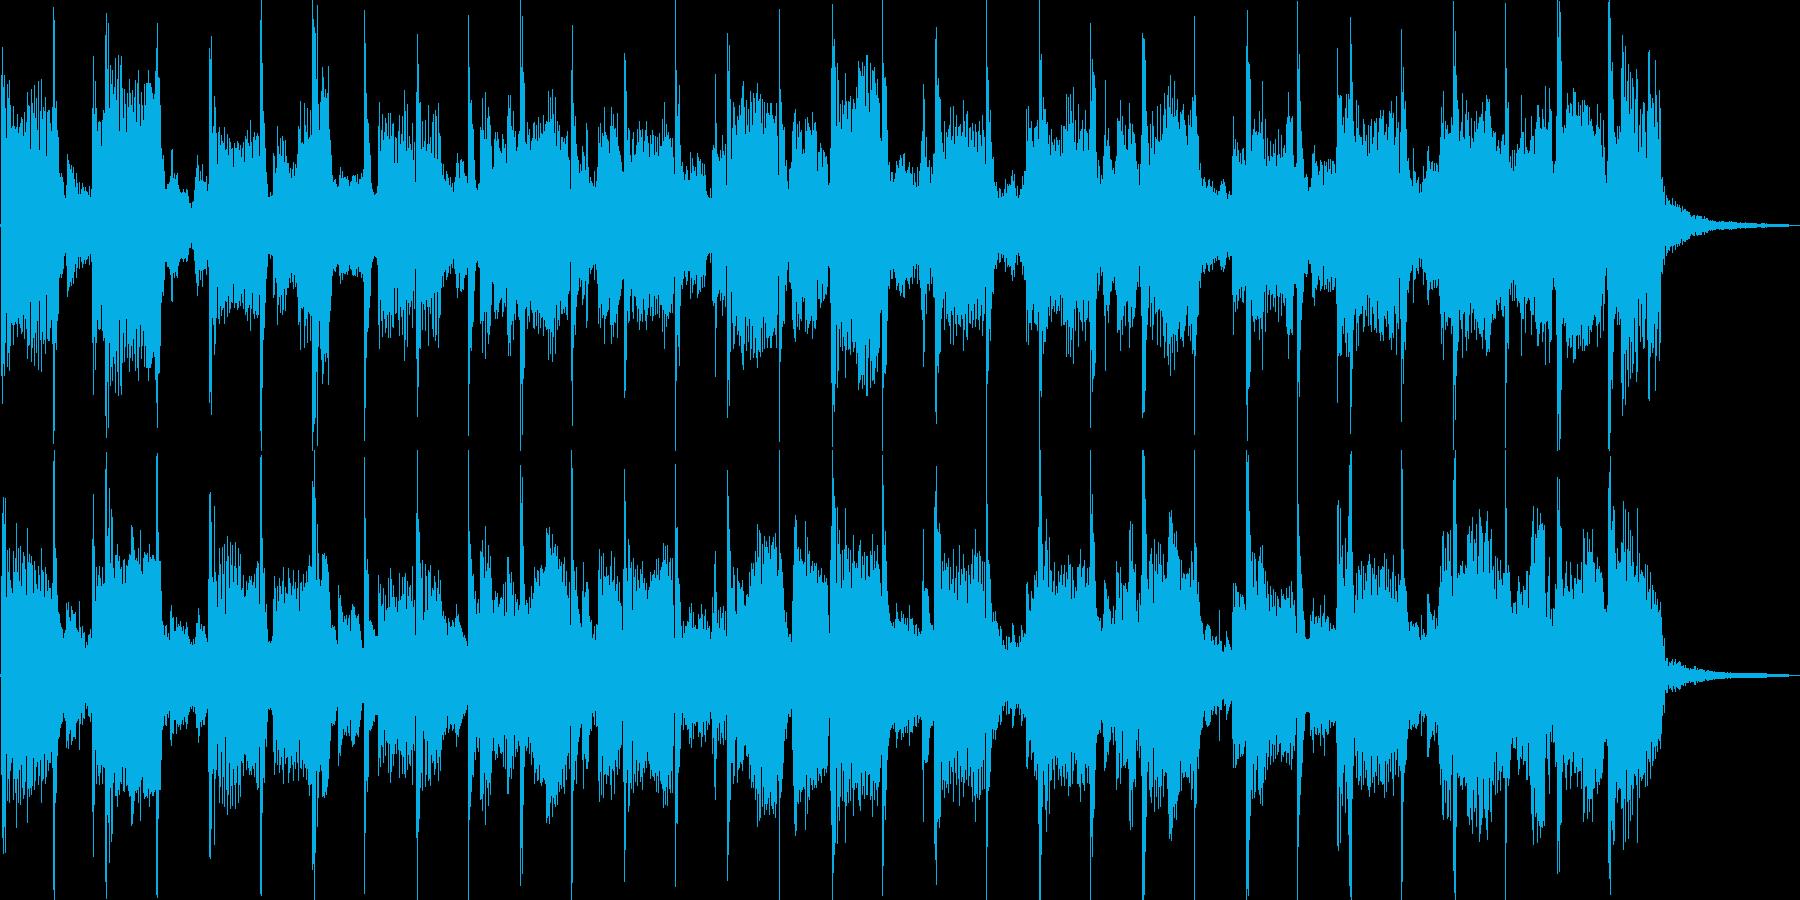 落ち着いた雰囲気のピアノバラードBGMの再生済みの波形